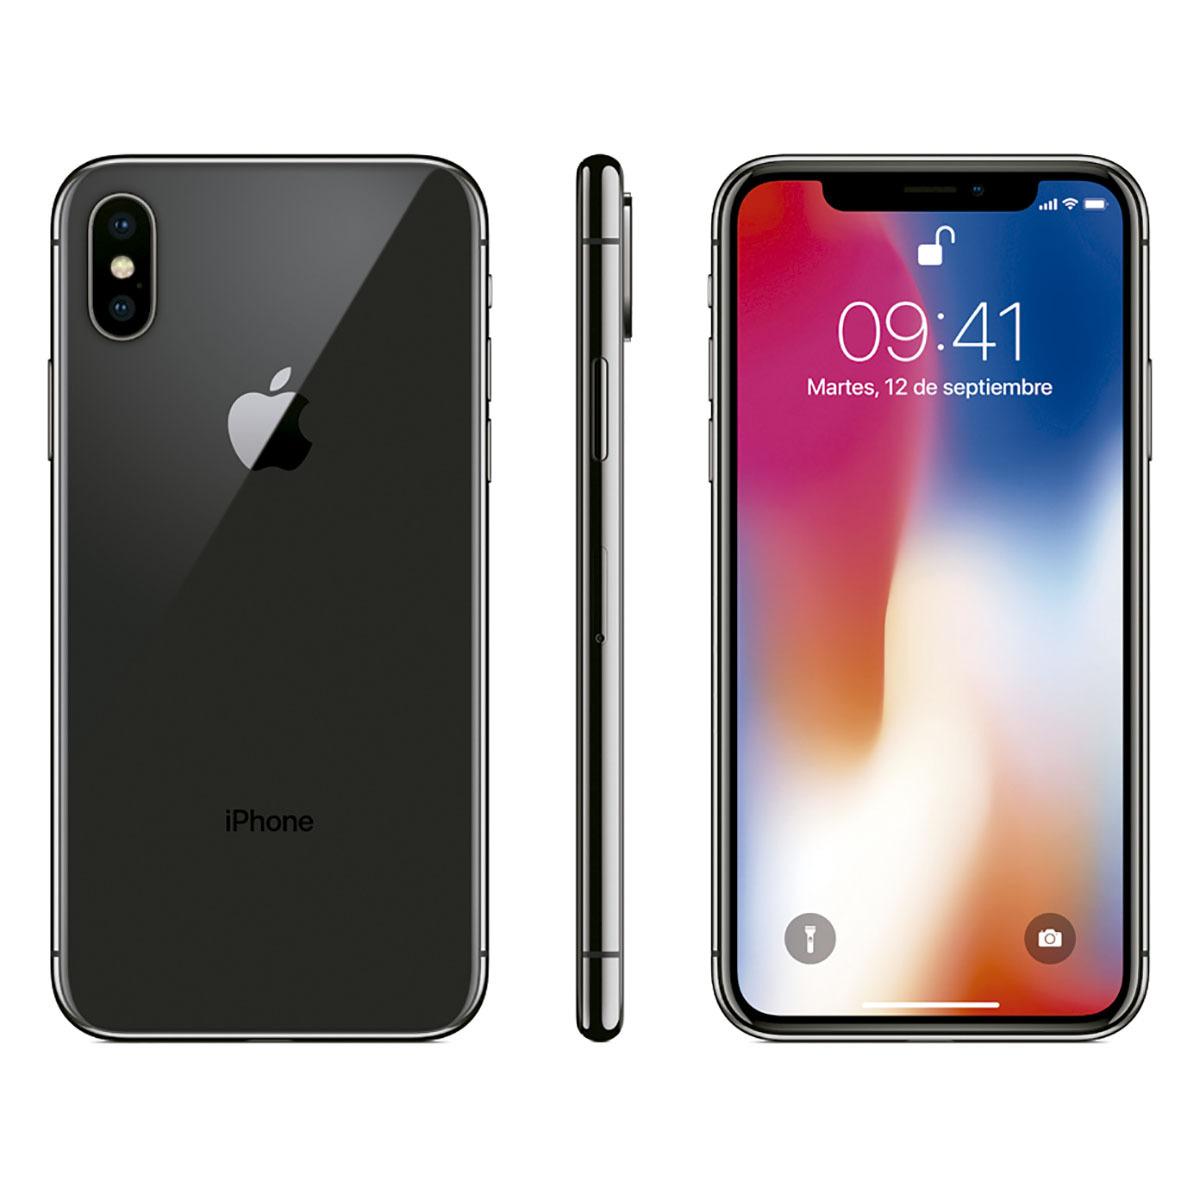 La mejor maldita oferta del Hot Sale: Iphone de 23,499 a 23,495